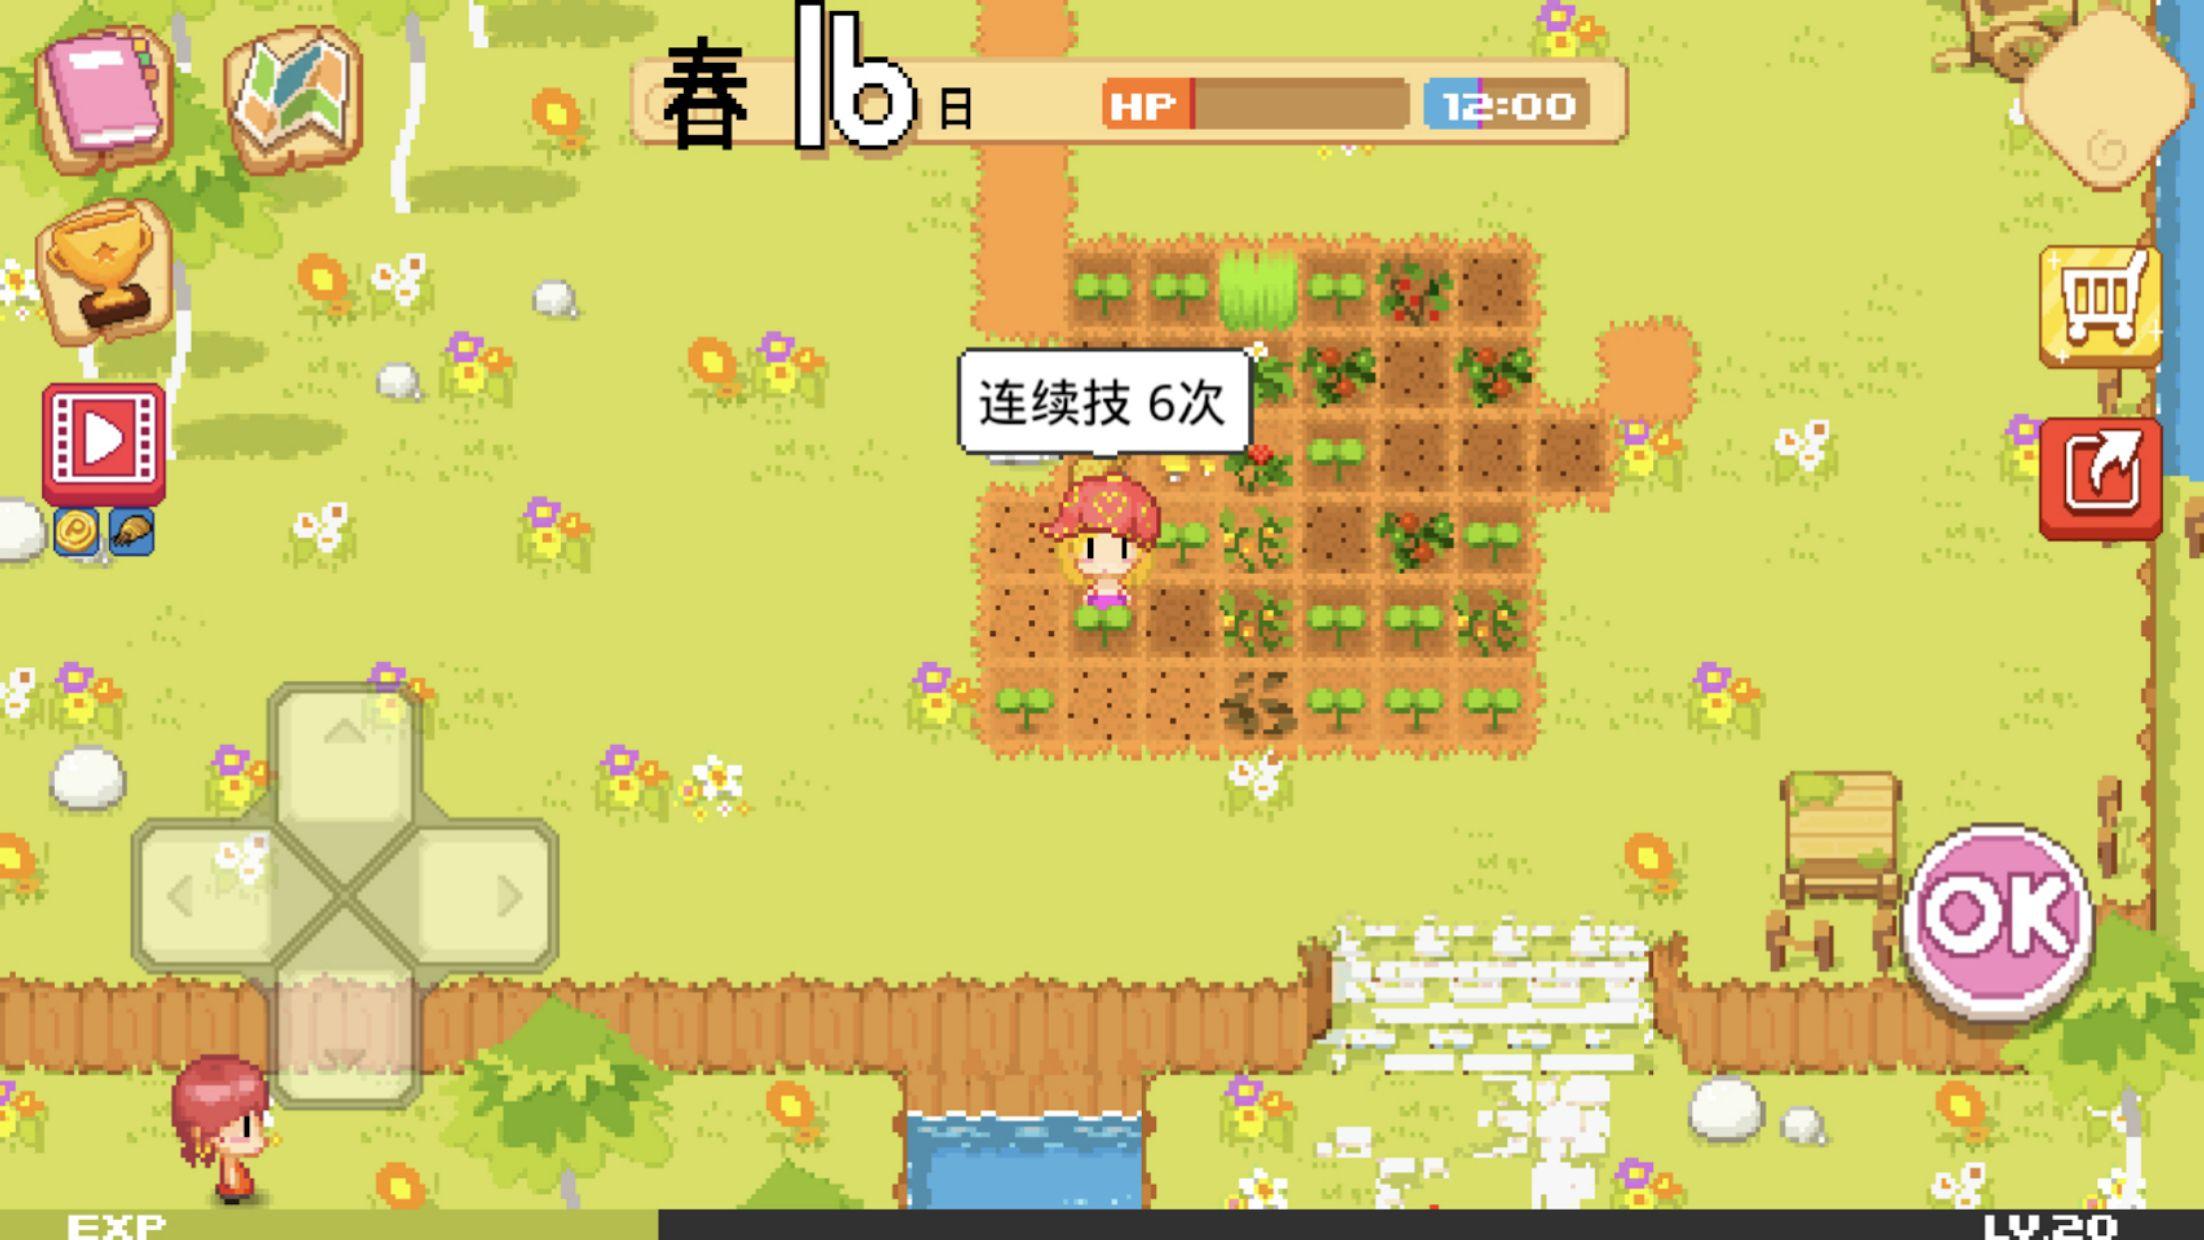 公主的农场故事 游戏截图2